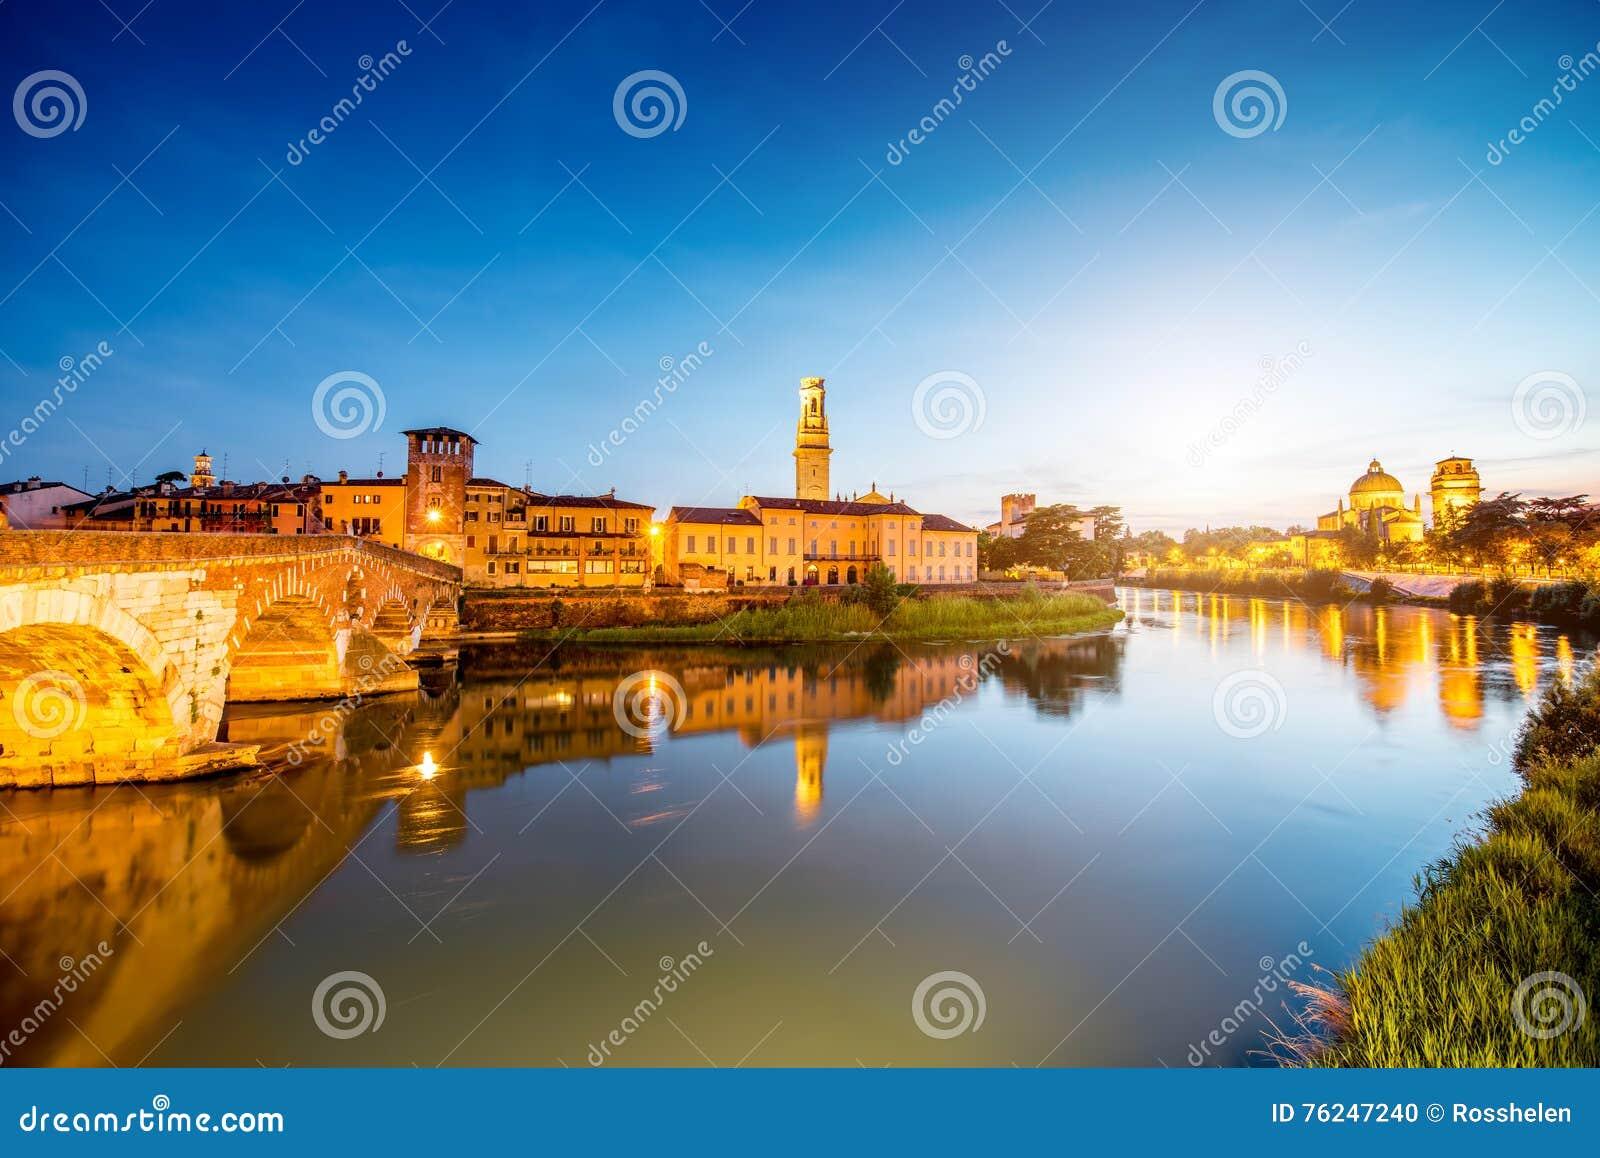 Opinião da arquitetura da cidade de Verona